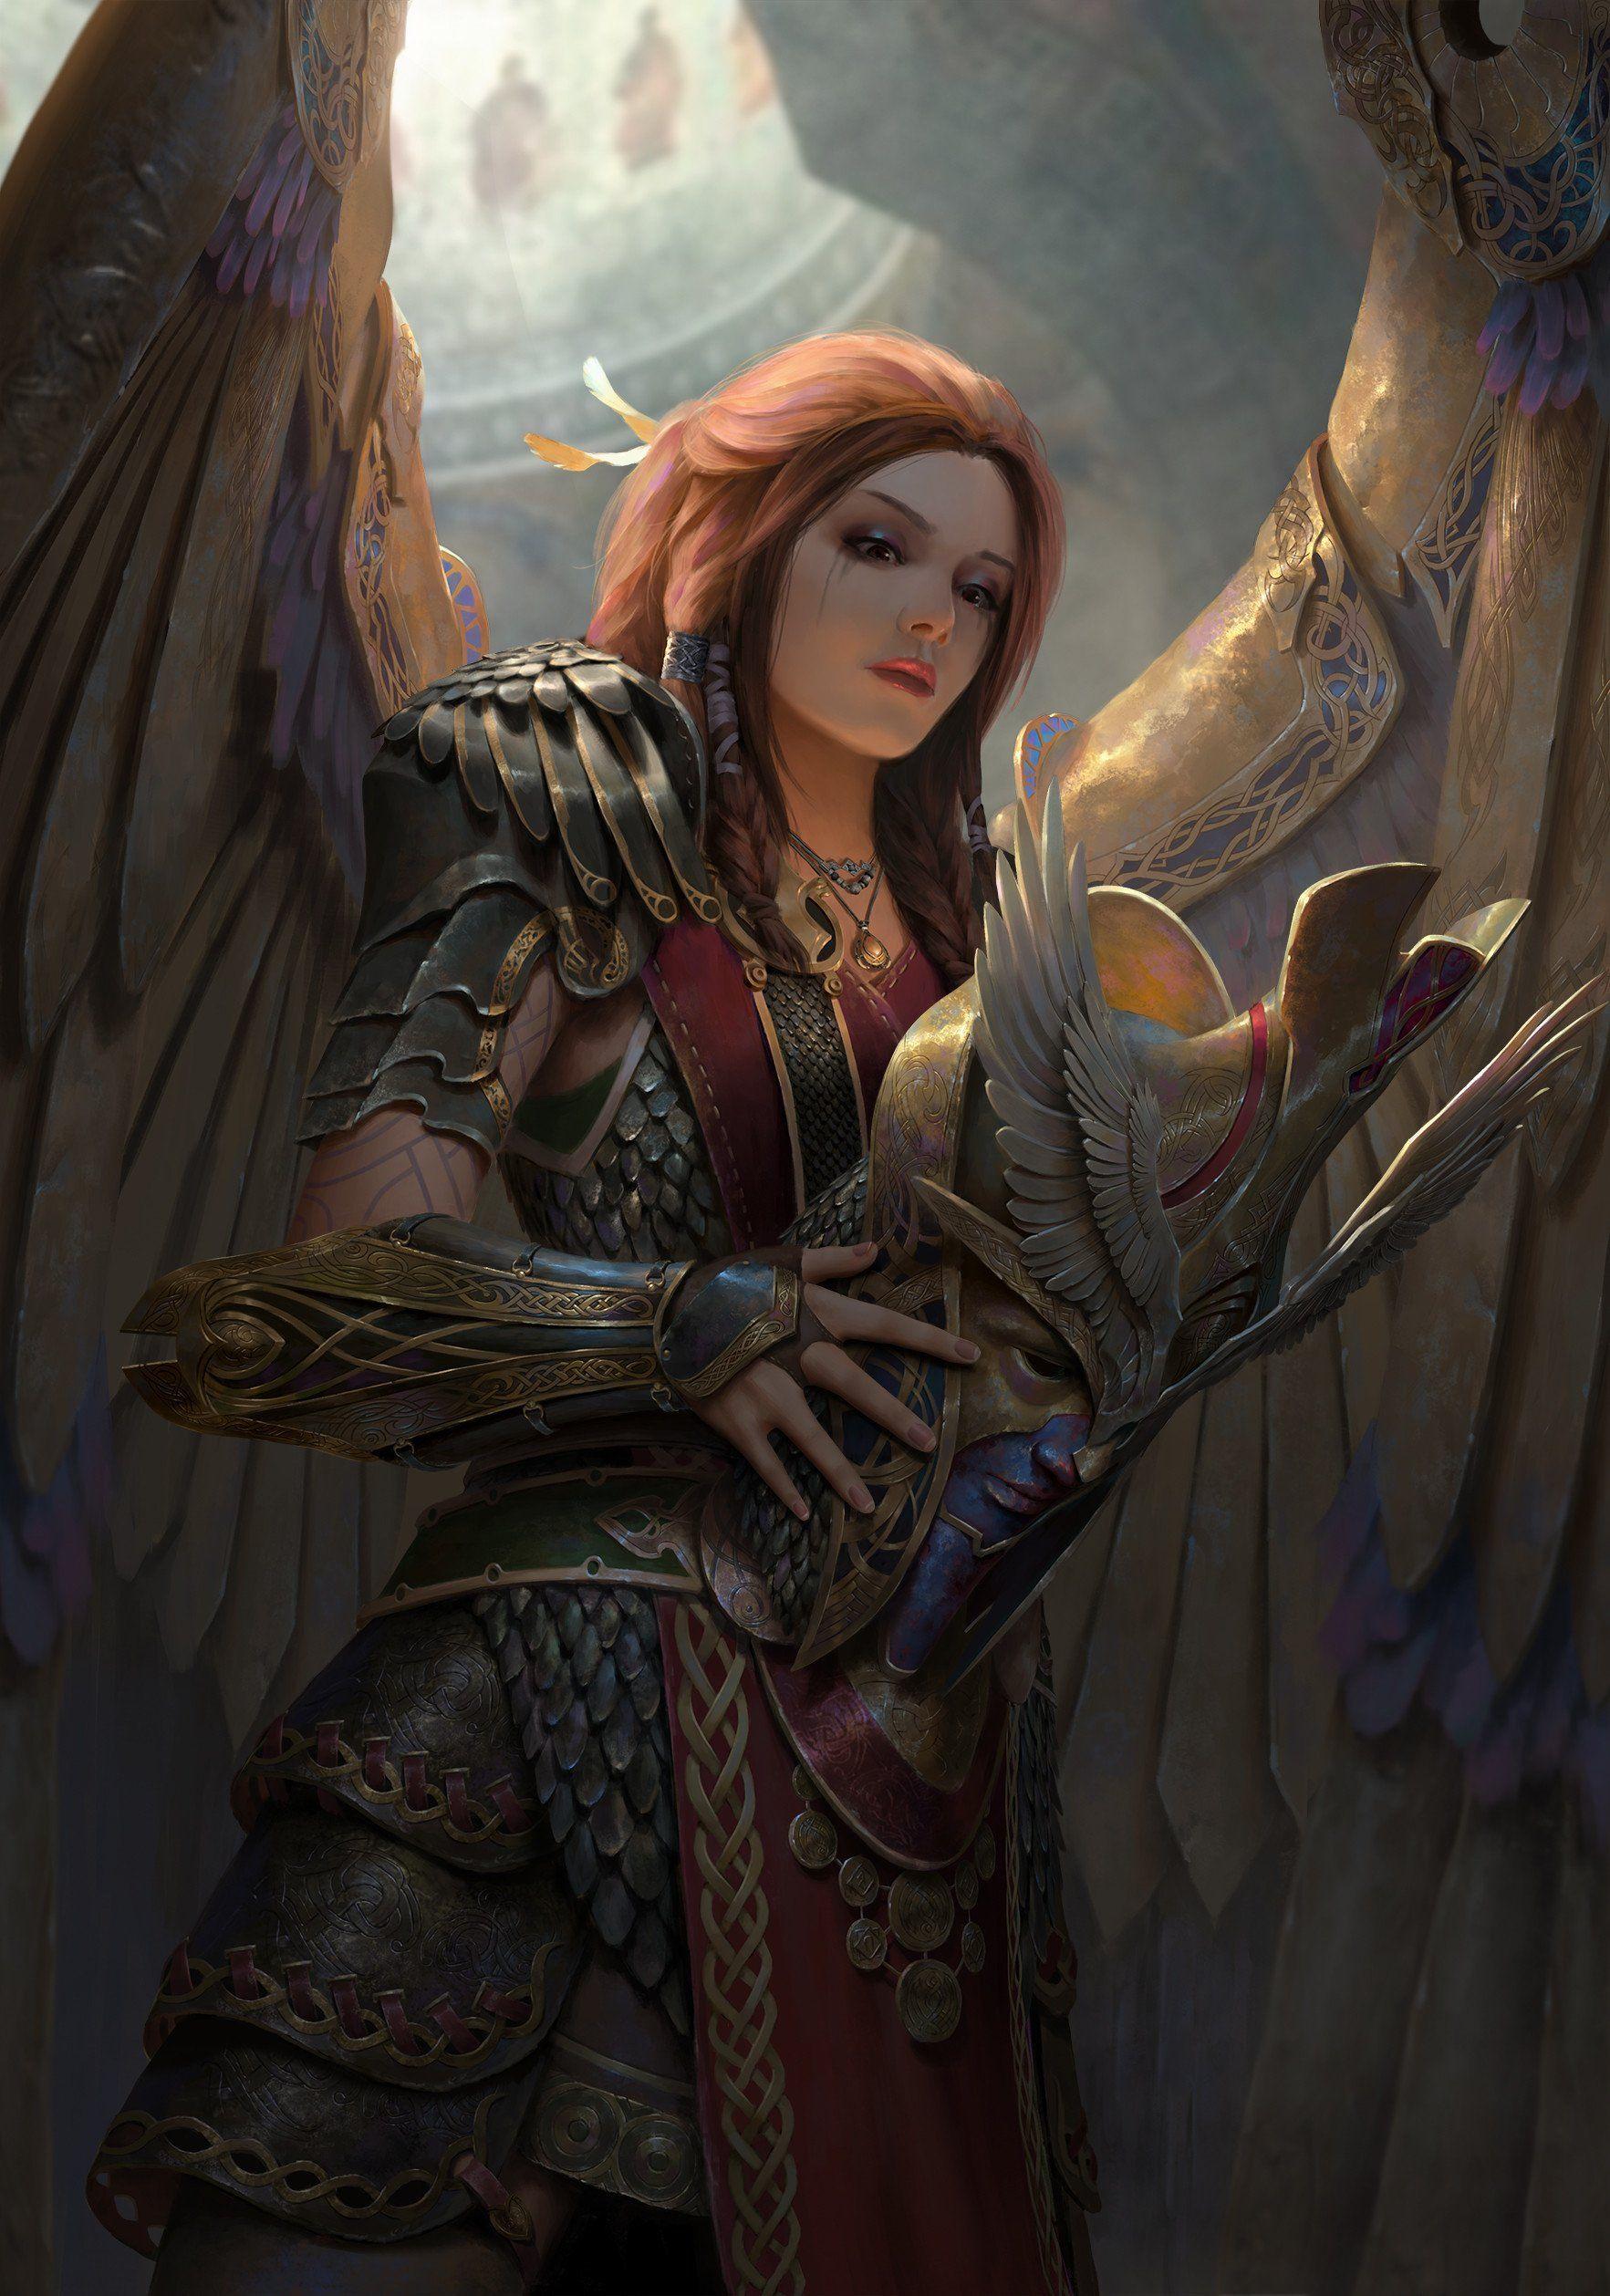 Валькирия - это мифический персонаж? кто такие валькирии, и какими были эти девы-воительницы?